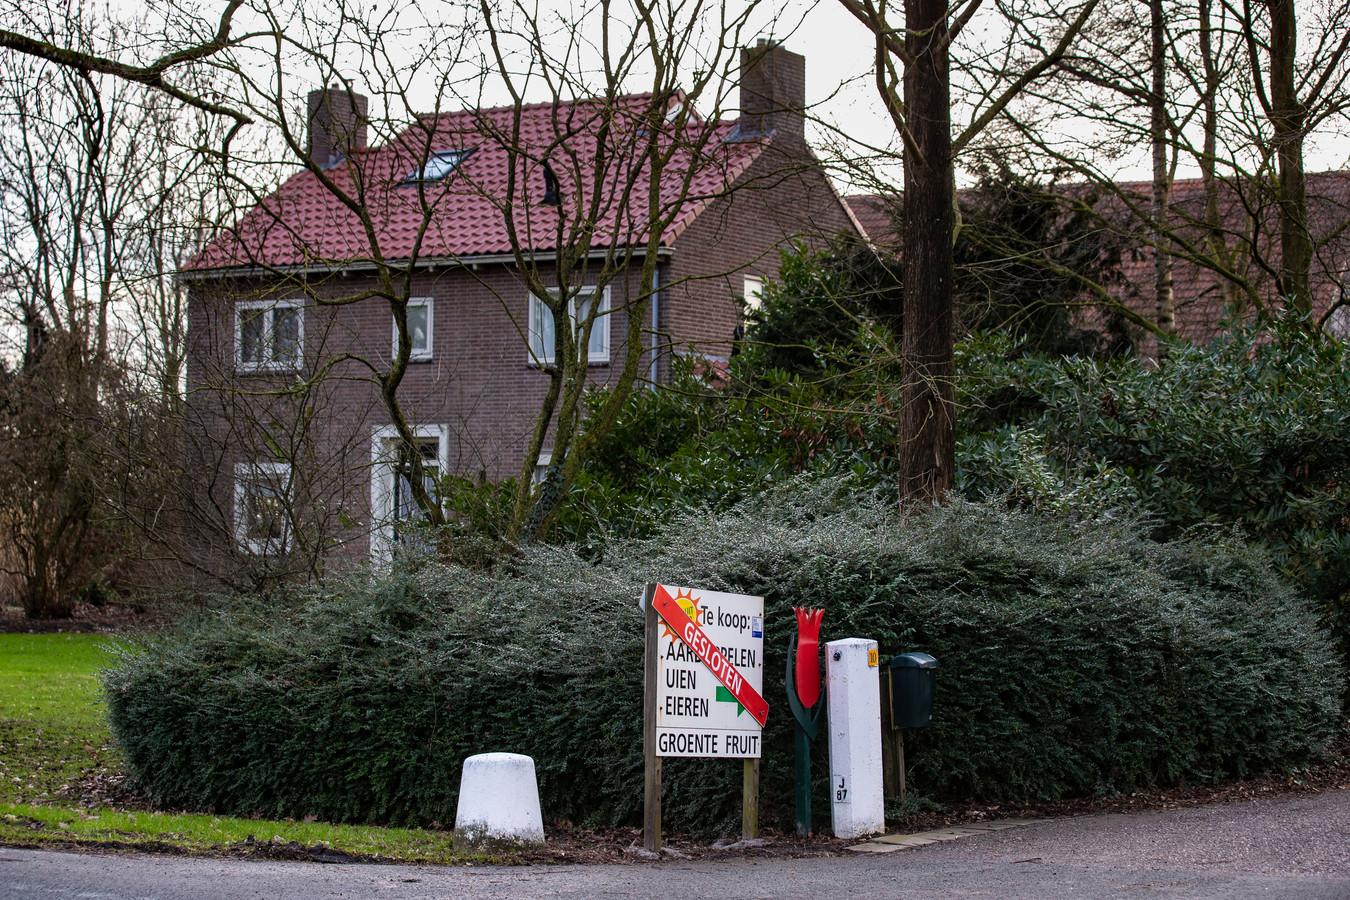 Bij een overval op een woning aan de Hannie Schaftweg bij Emmeloord is een persoon gewond geraakt. De overval was op 11 februari 2019. Maandagavond was een reconstructie te zien in Opsporing Verzocht